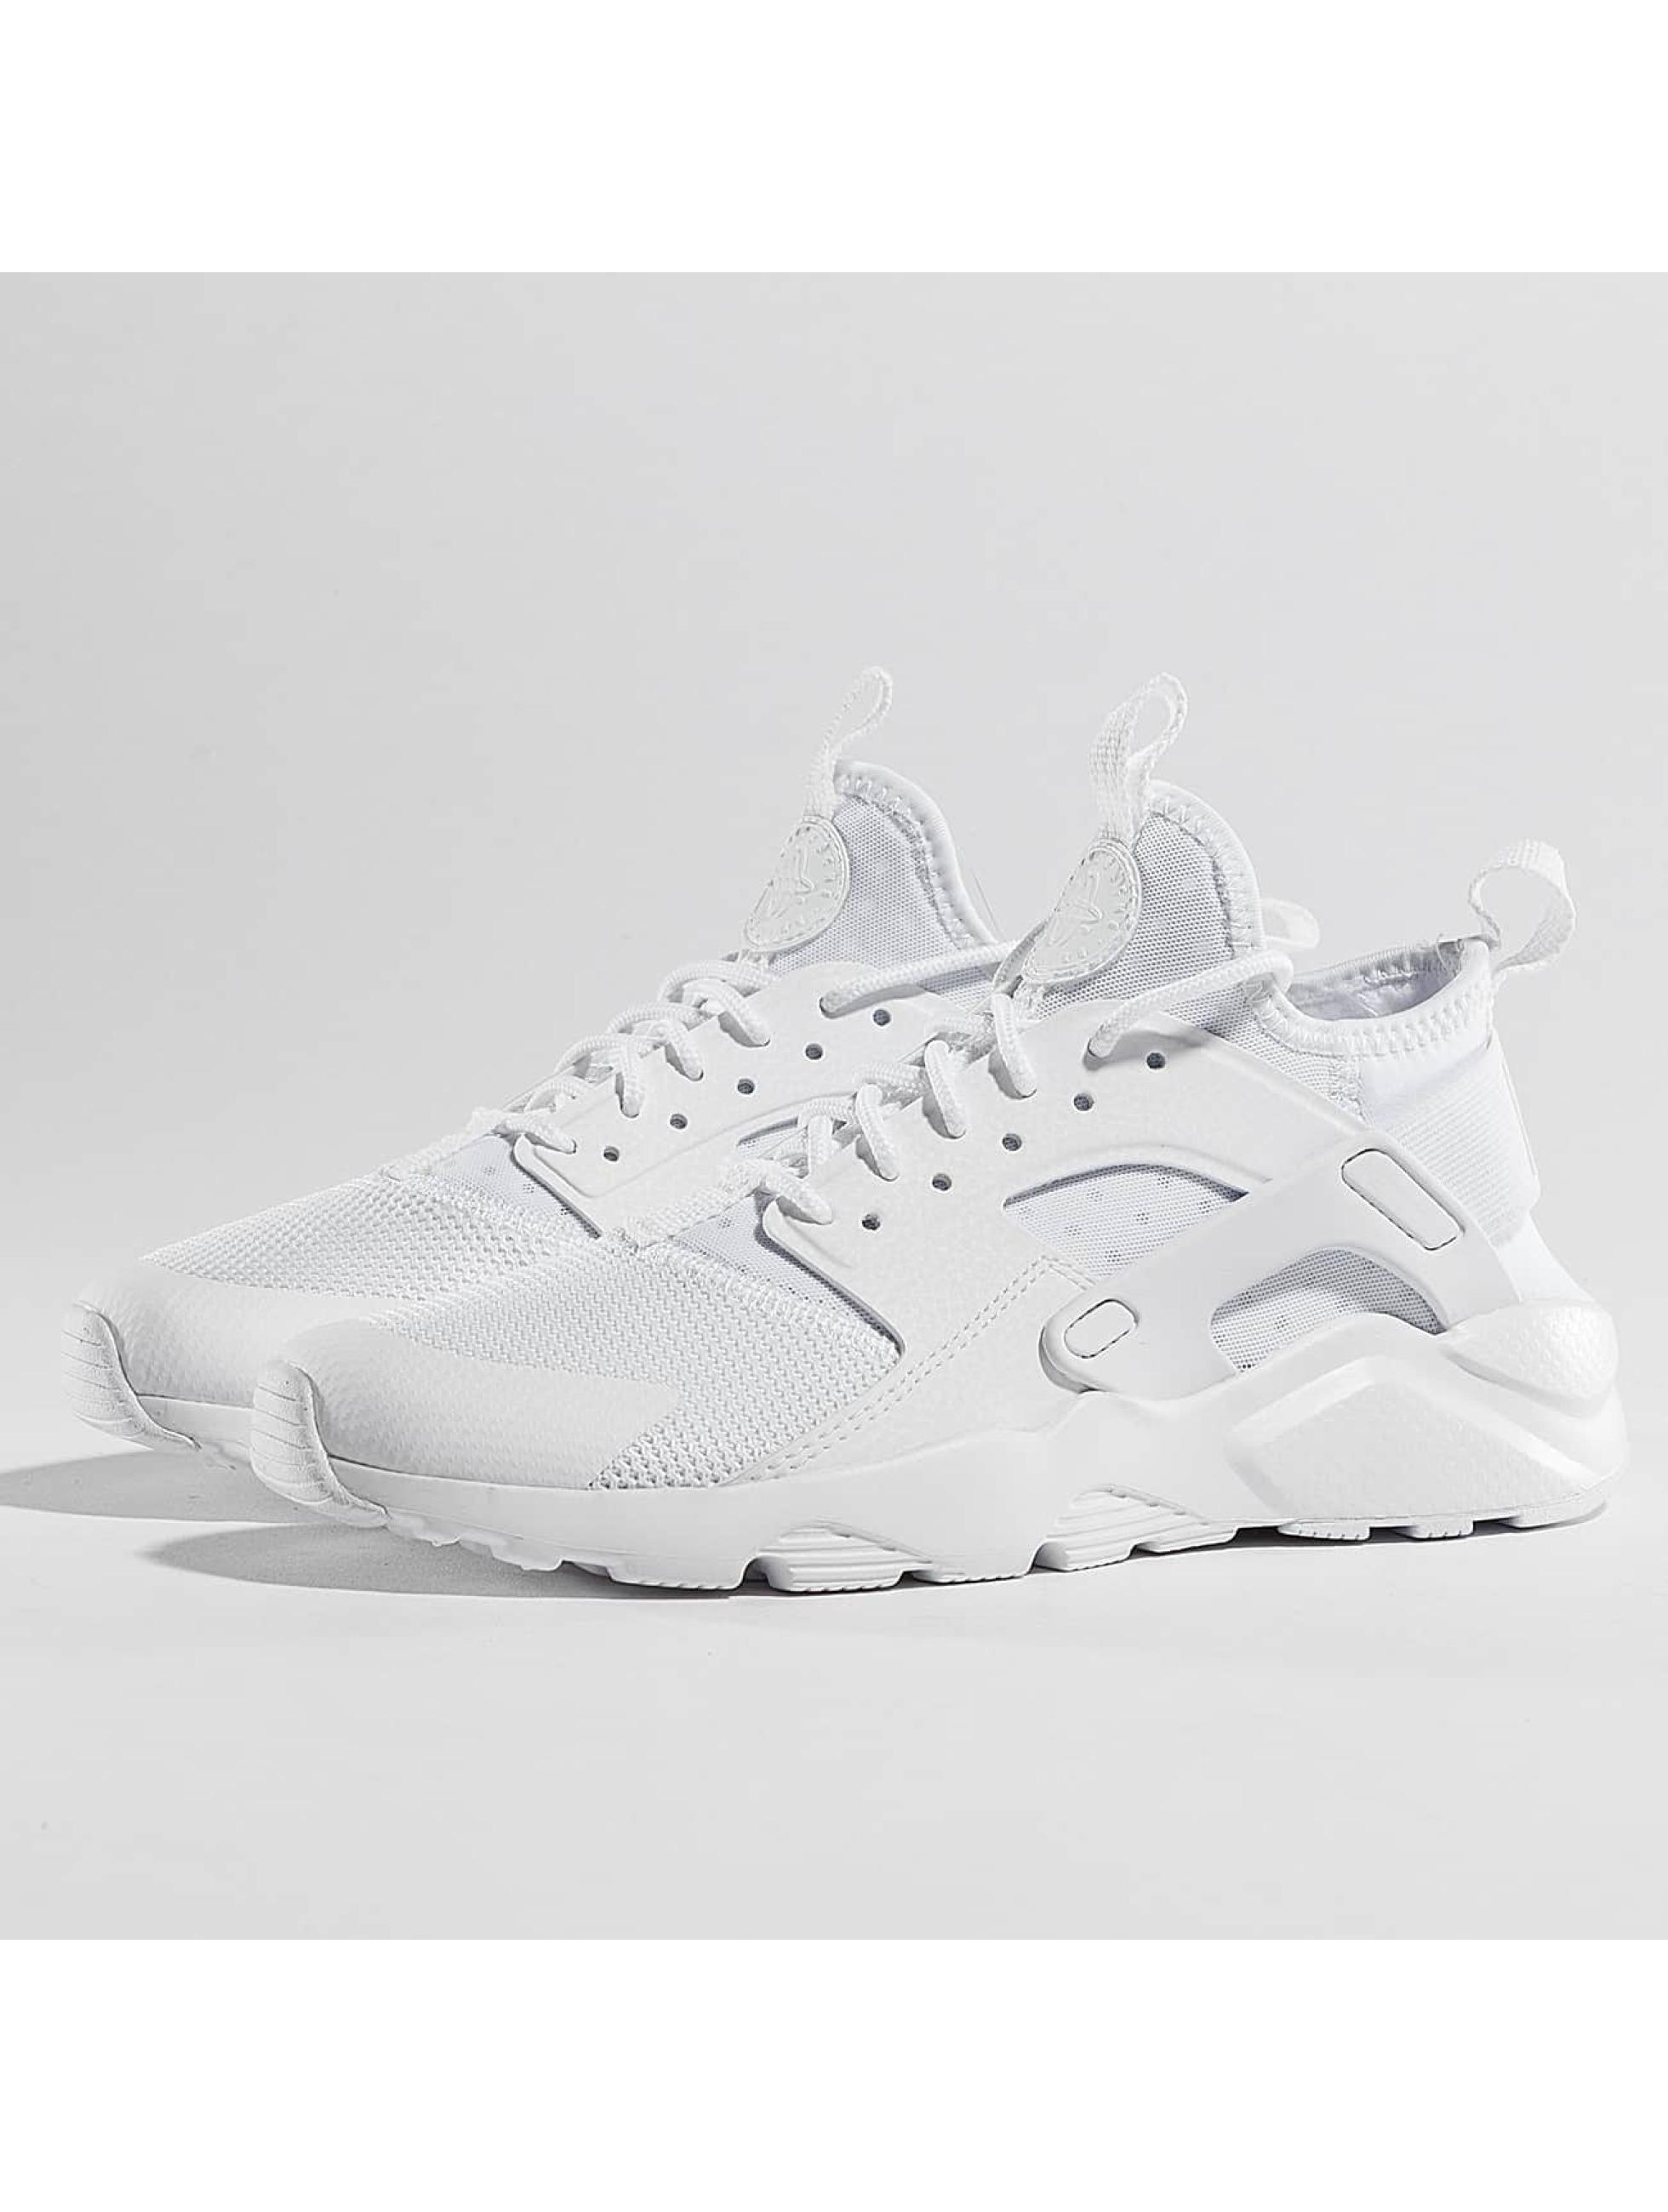 Werden Weißen Deine So Wieder SauberDefshop Sneaker Magazin rdoeBWxC